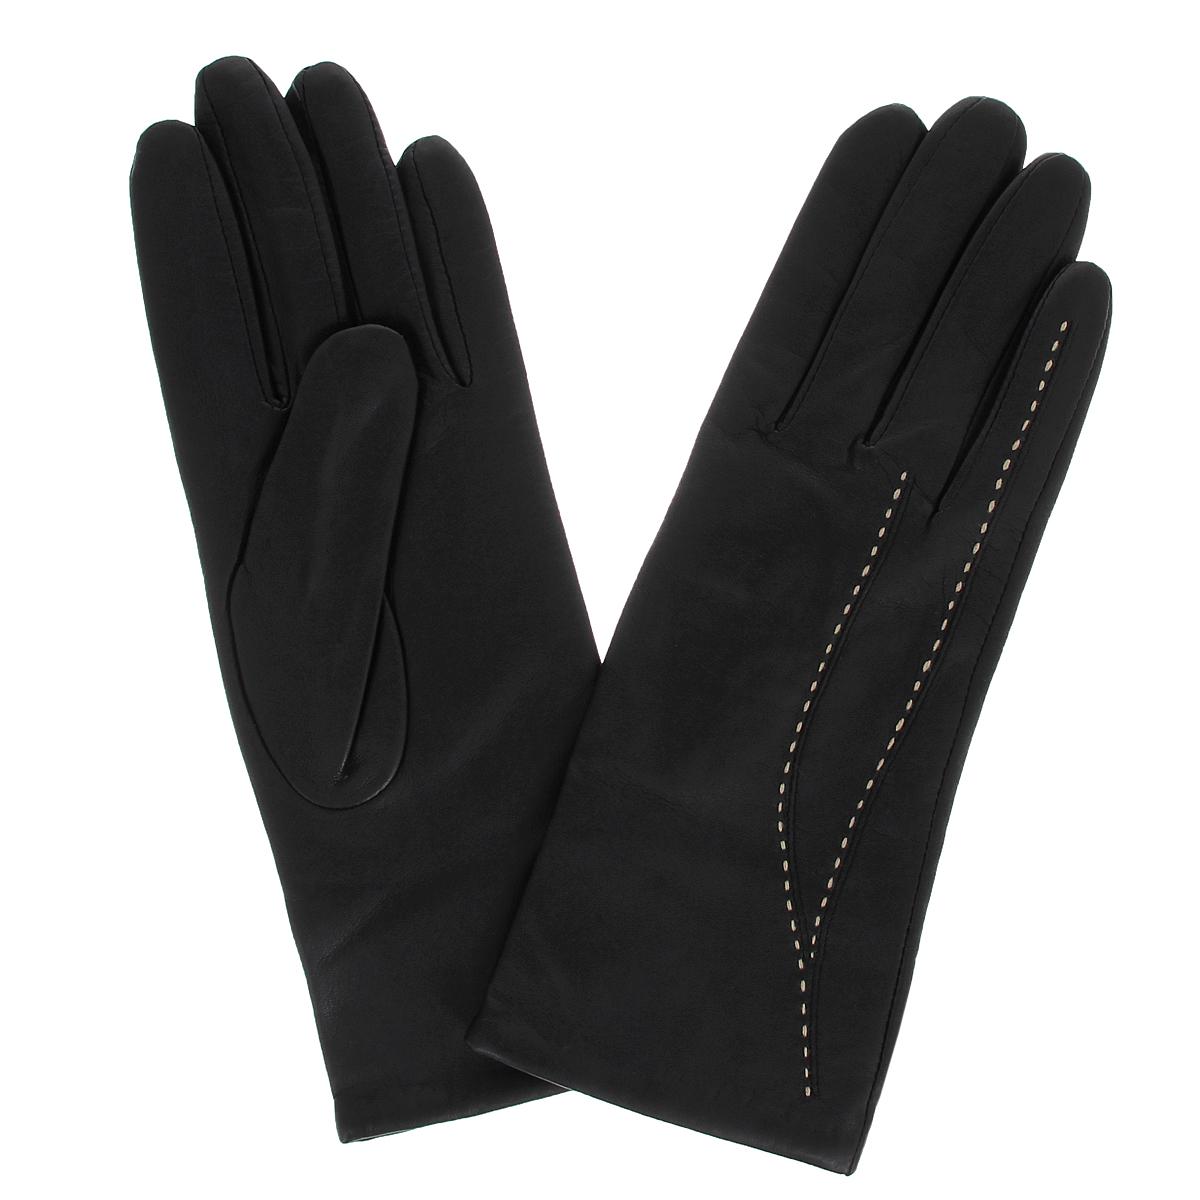 Перчатки женские. S1944/40S1944/40Стильные женские перчатки Baggini заинтригуют любого мужчину и заставят завидовать любую женщину. Они не только защитят ваши руки от холода, но и станут великолепным украшением. Модель изготовлена из мягкой натуральной кожи ягненка с подкладкой из акрила. На лицевой стороне изделие оформлено отстрочкой контрастного цвета. Перчатки являются неотъемлемой принадлежностью одежды, вместе с этим аксессуаром вы обретаете женственность и элегантность. Они станут завершающим и подчеркивающим элементом вашего неповторимого стиля и индивидуальности.